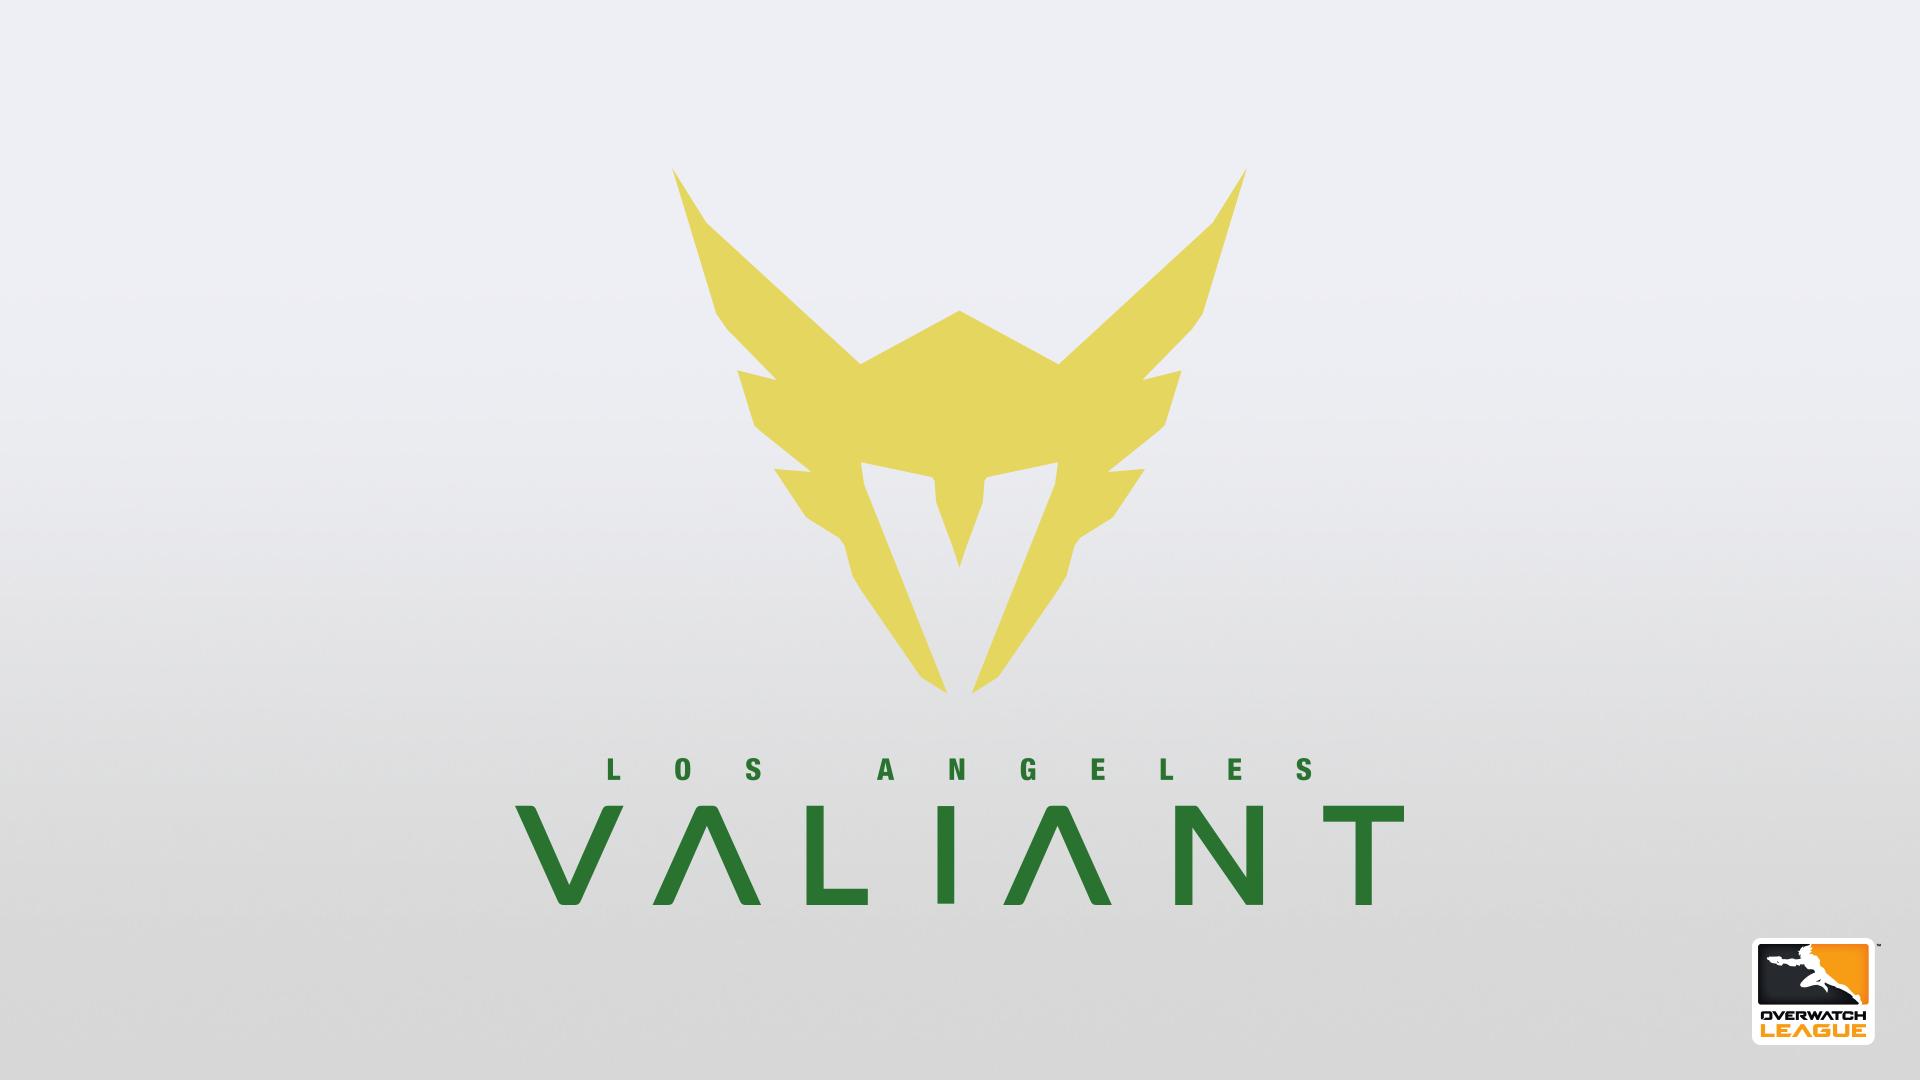 Los Angeles Valiant Overwatch League Team Announced